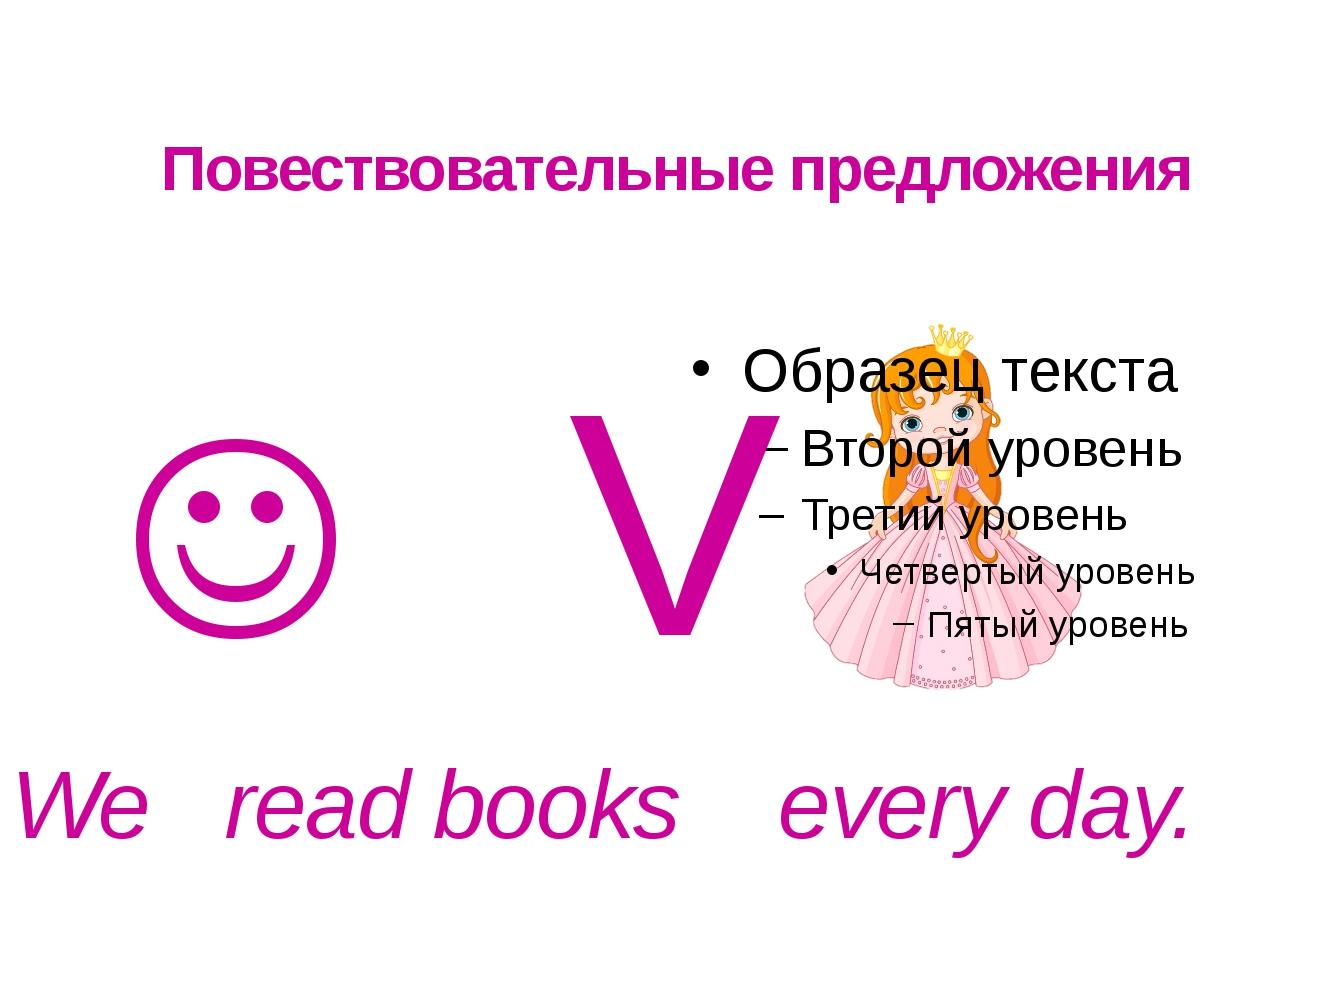 Повествовательные предложения  V We read books every day.